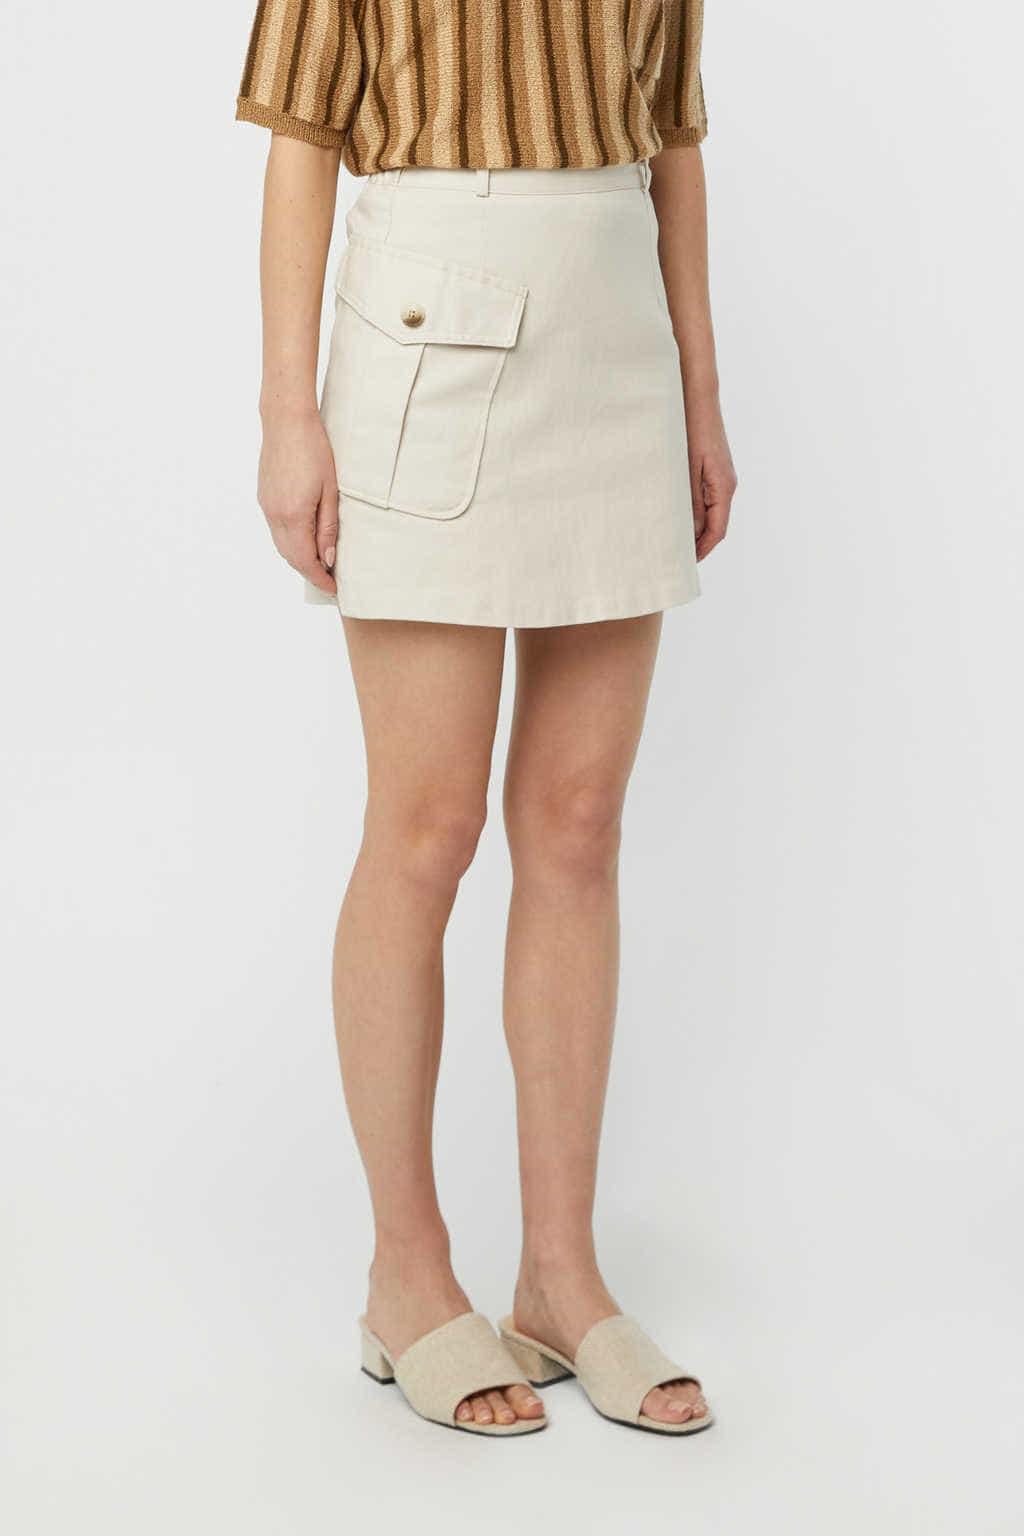 Skirt K007 Beige 2